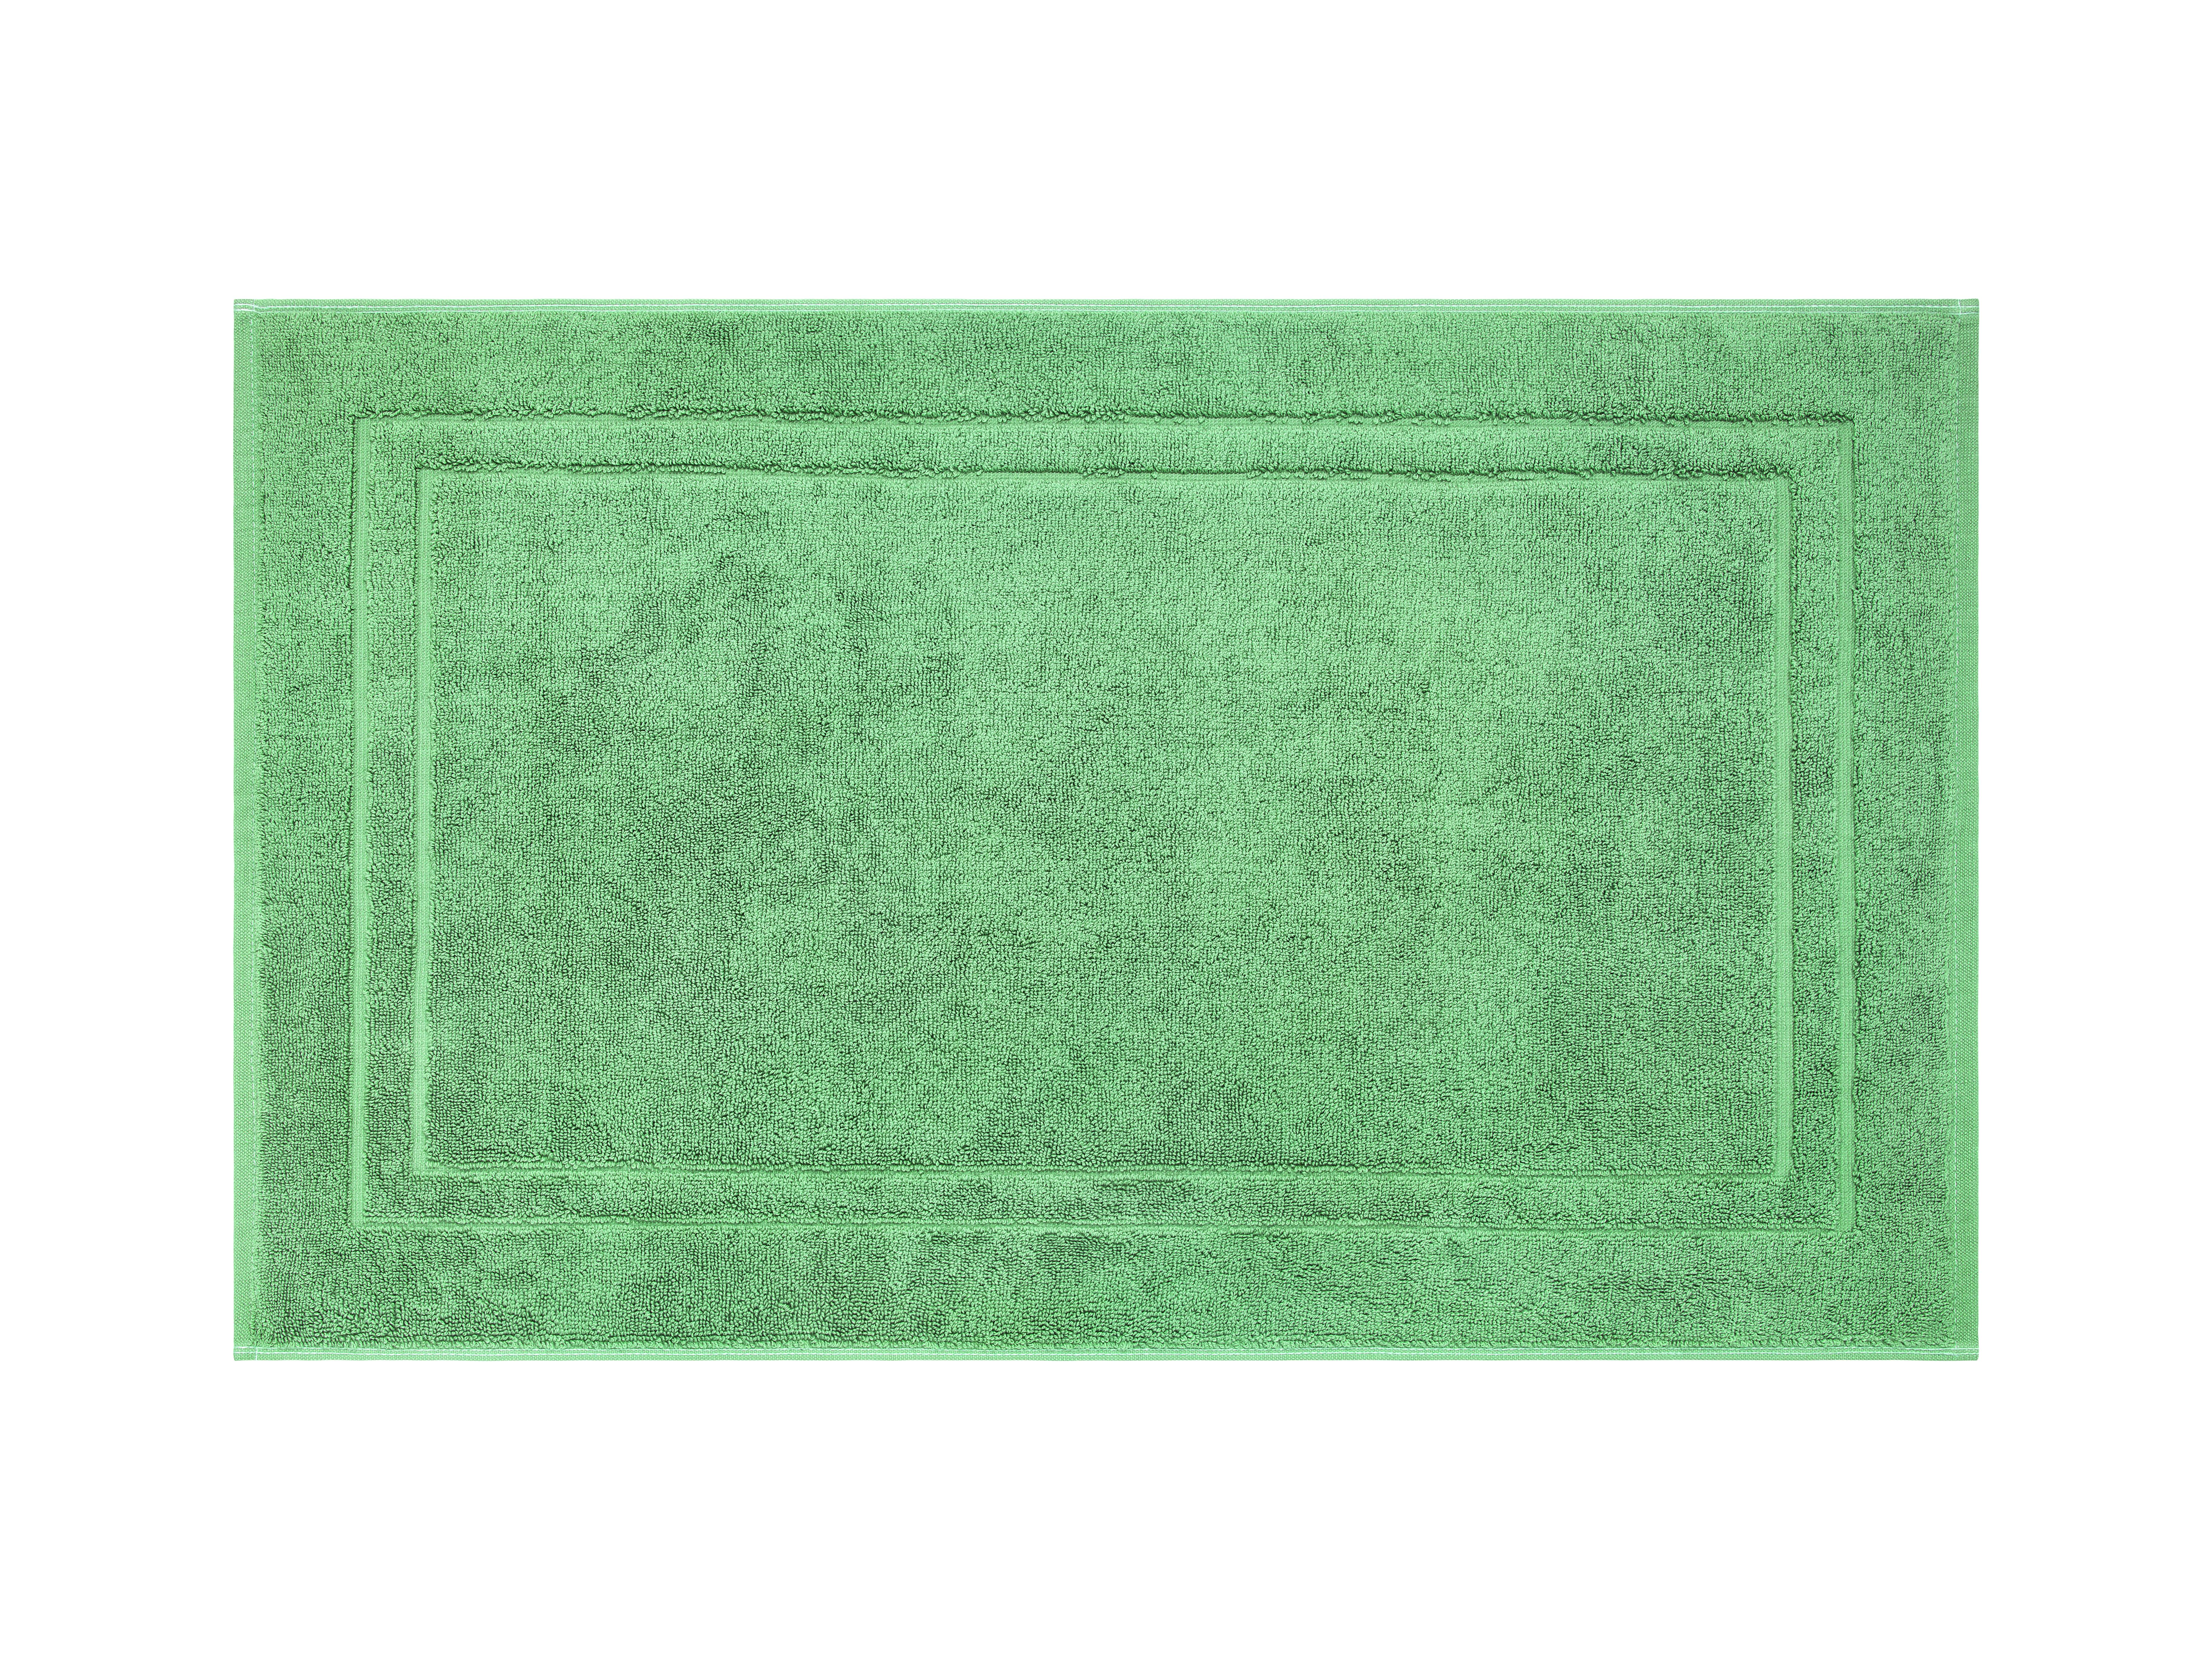 Коврики для ванной и туалета ESTIA Коврик для ванной Эспозито Цвет: Зеленый (50х80 см) коврик для ванной white fox relax газон цвет зеленый 50 х 70 см